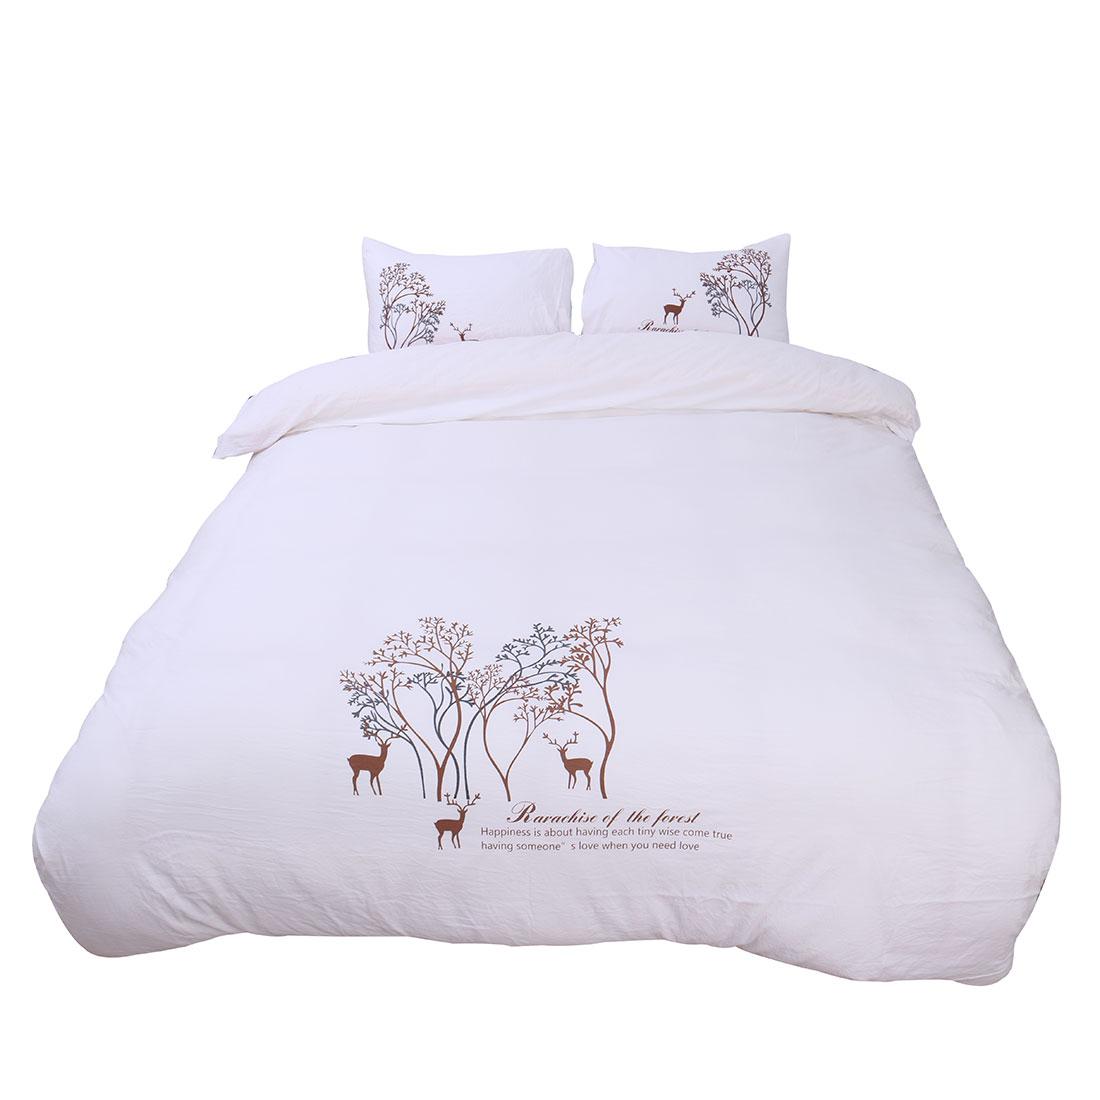 Duvet Cover Set Duvet Quilt Cover and Pillowcase Bedding Set White 104 x 90 Inch